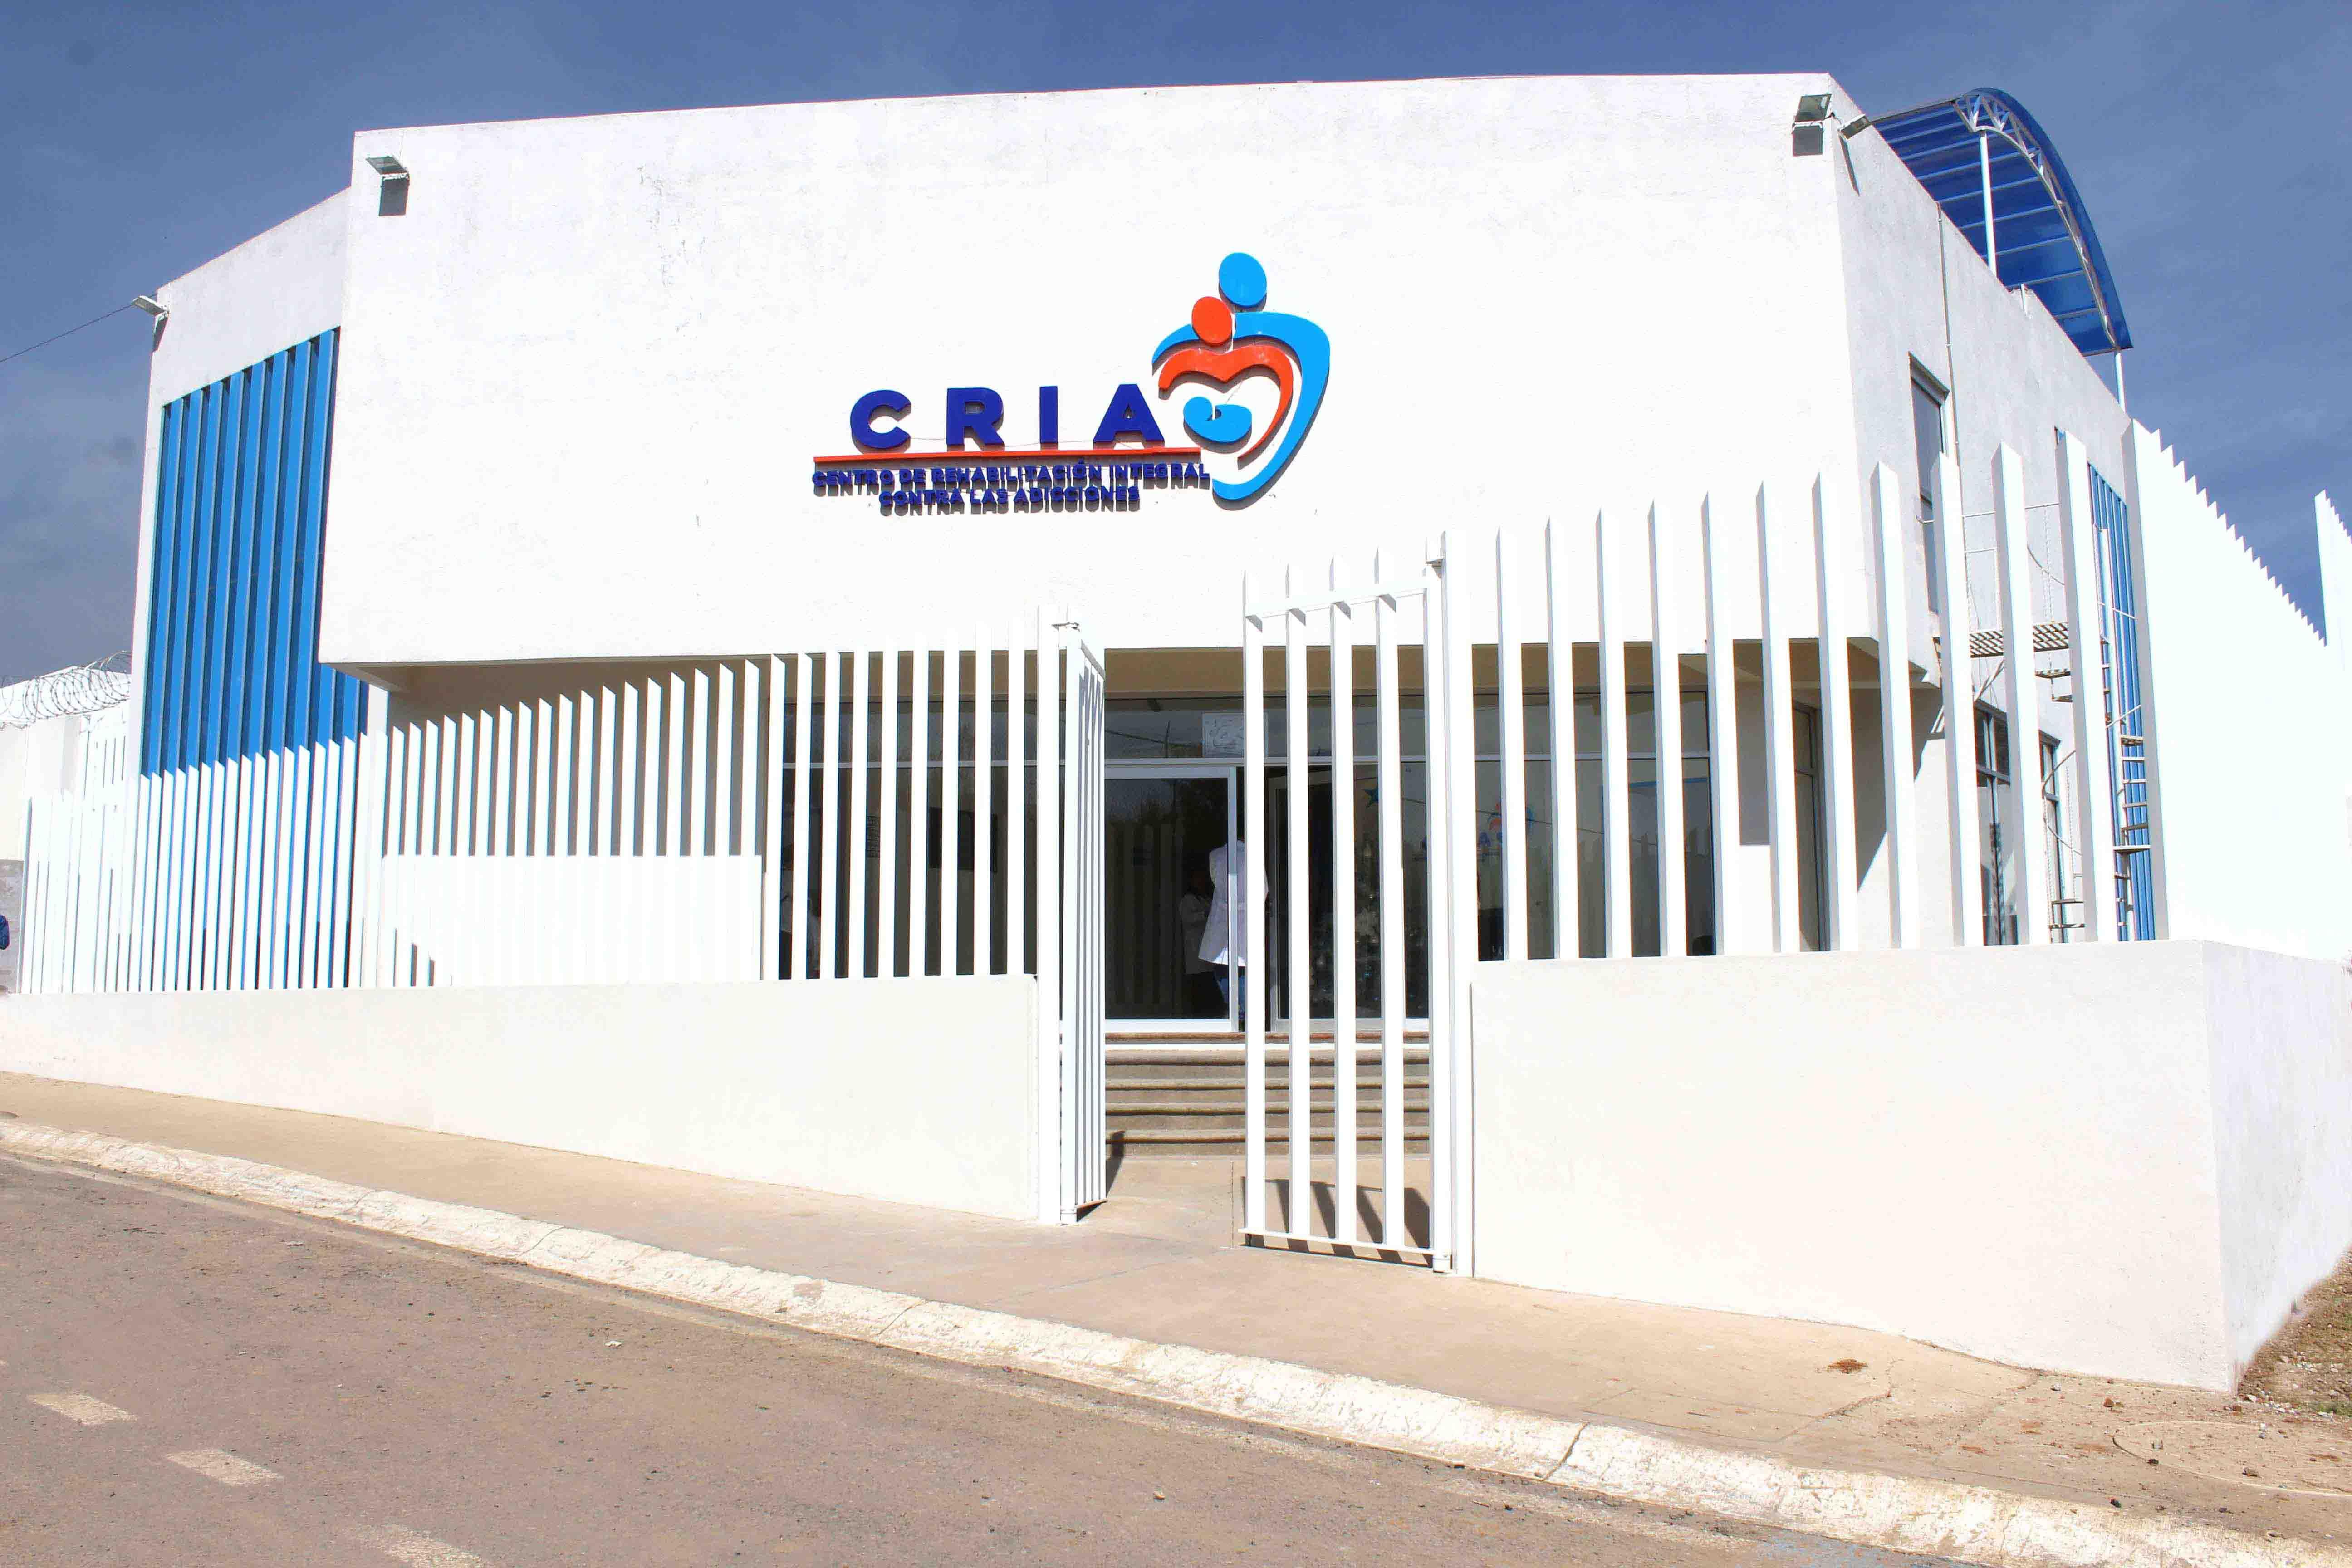 En modernas instalaciones rehabilitan contra las adicciones en Huixquilucan